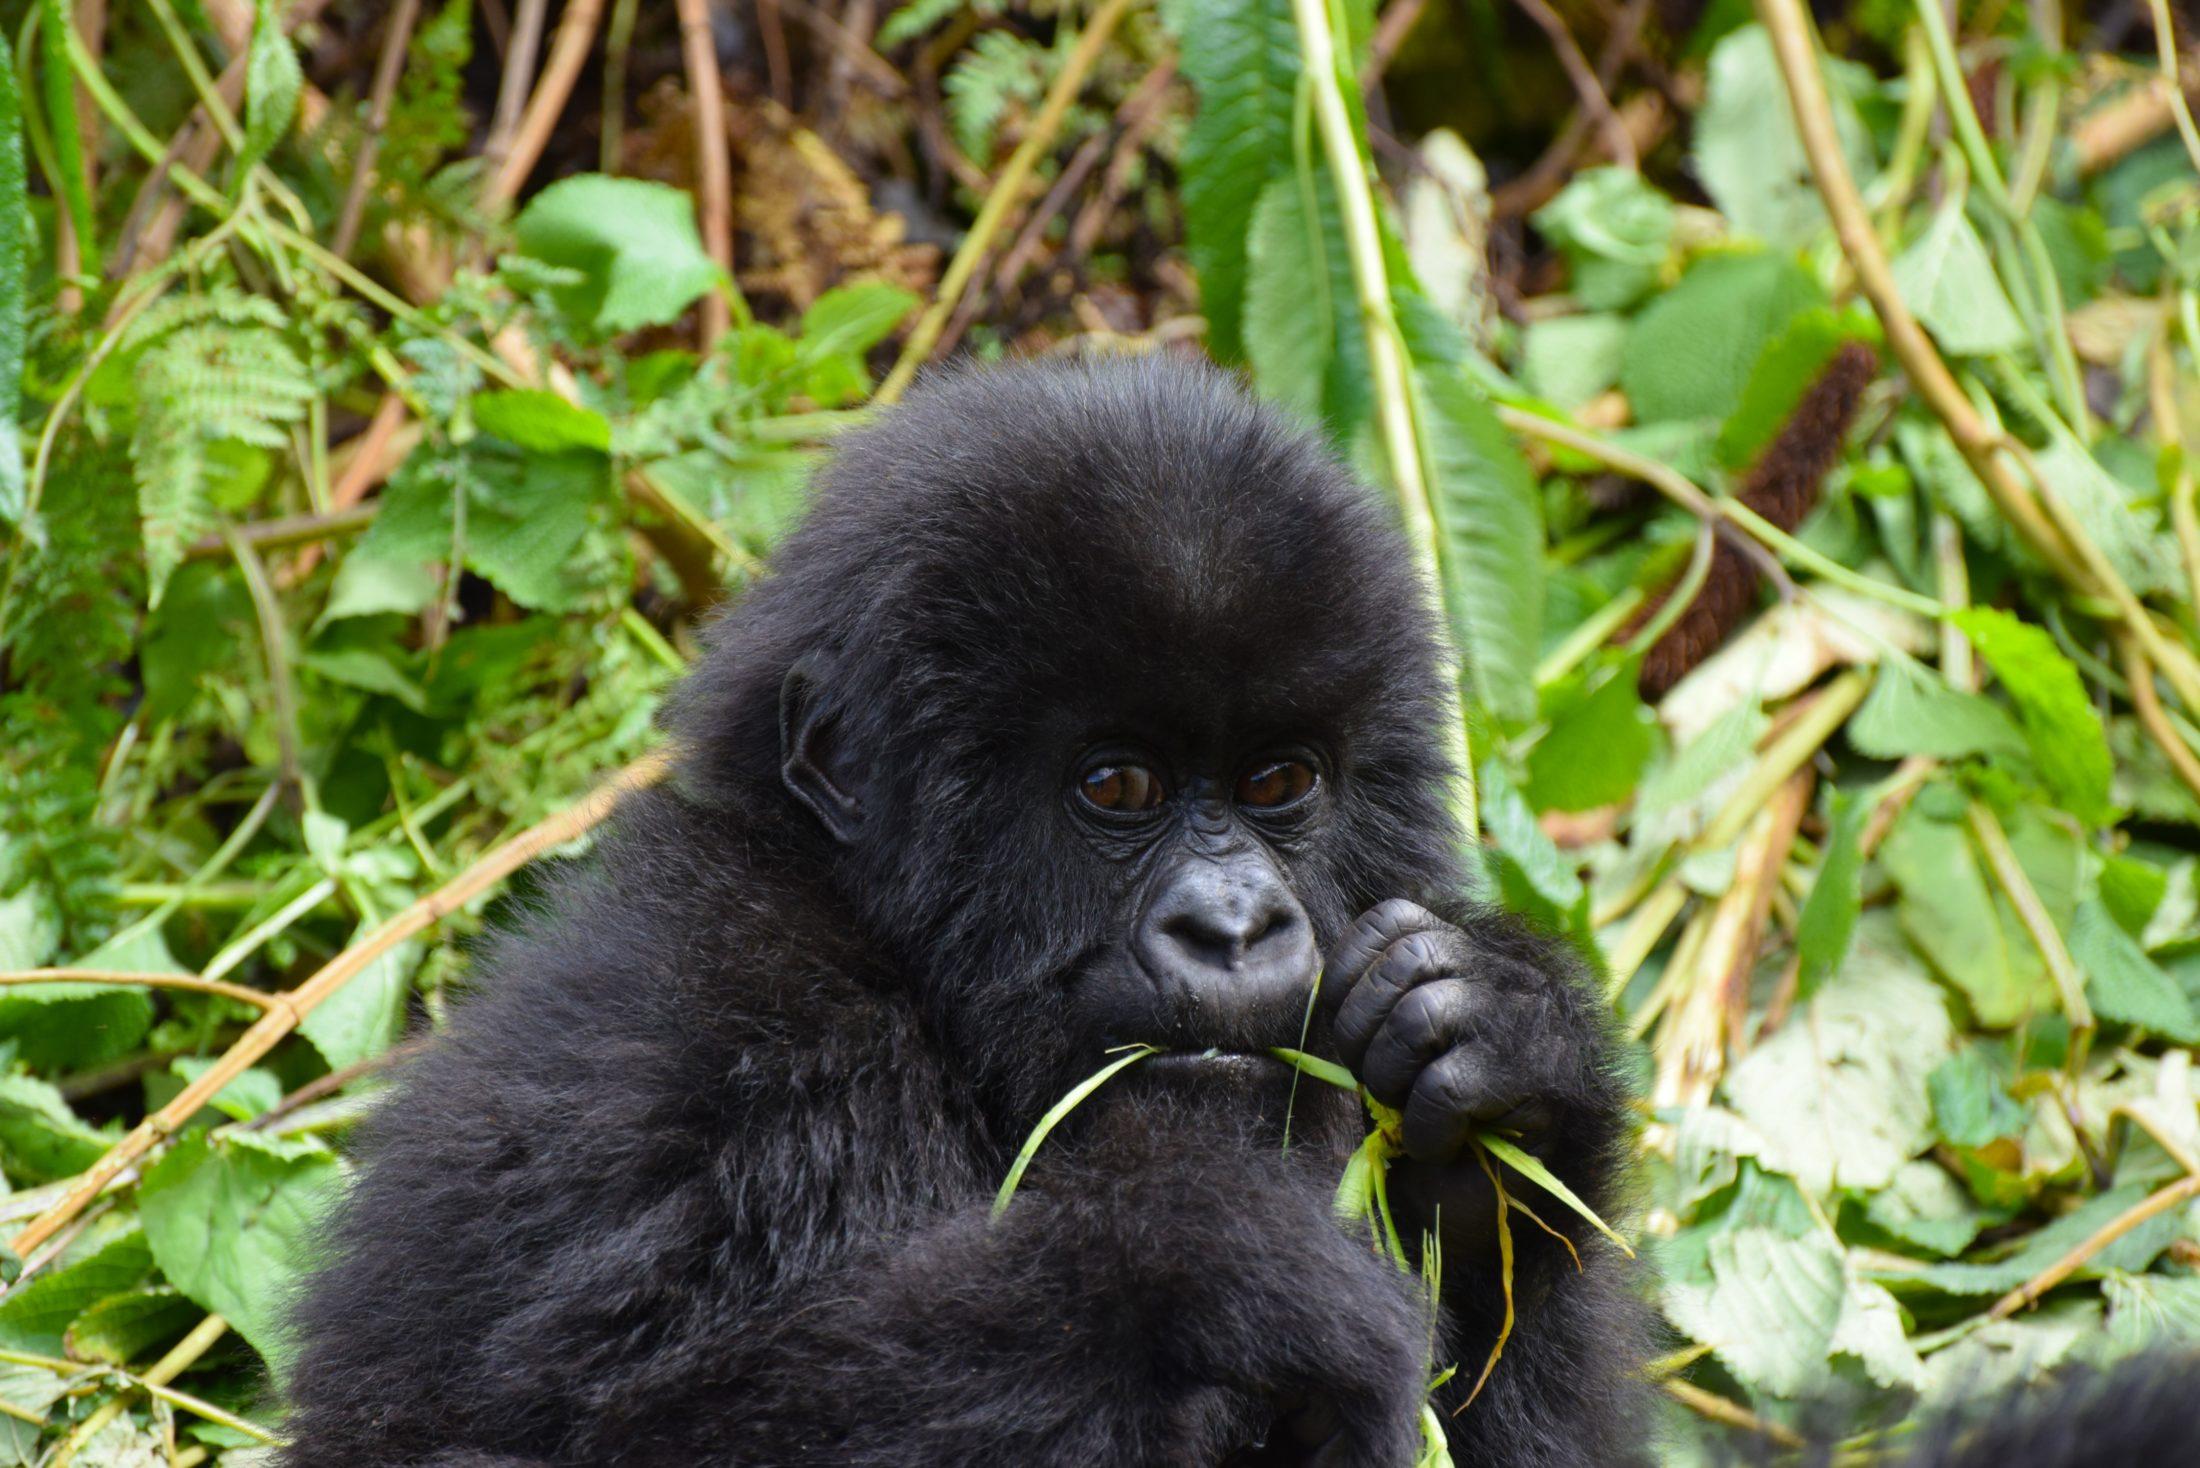 Sonhar com gorila pode representar algo no trabalho.